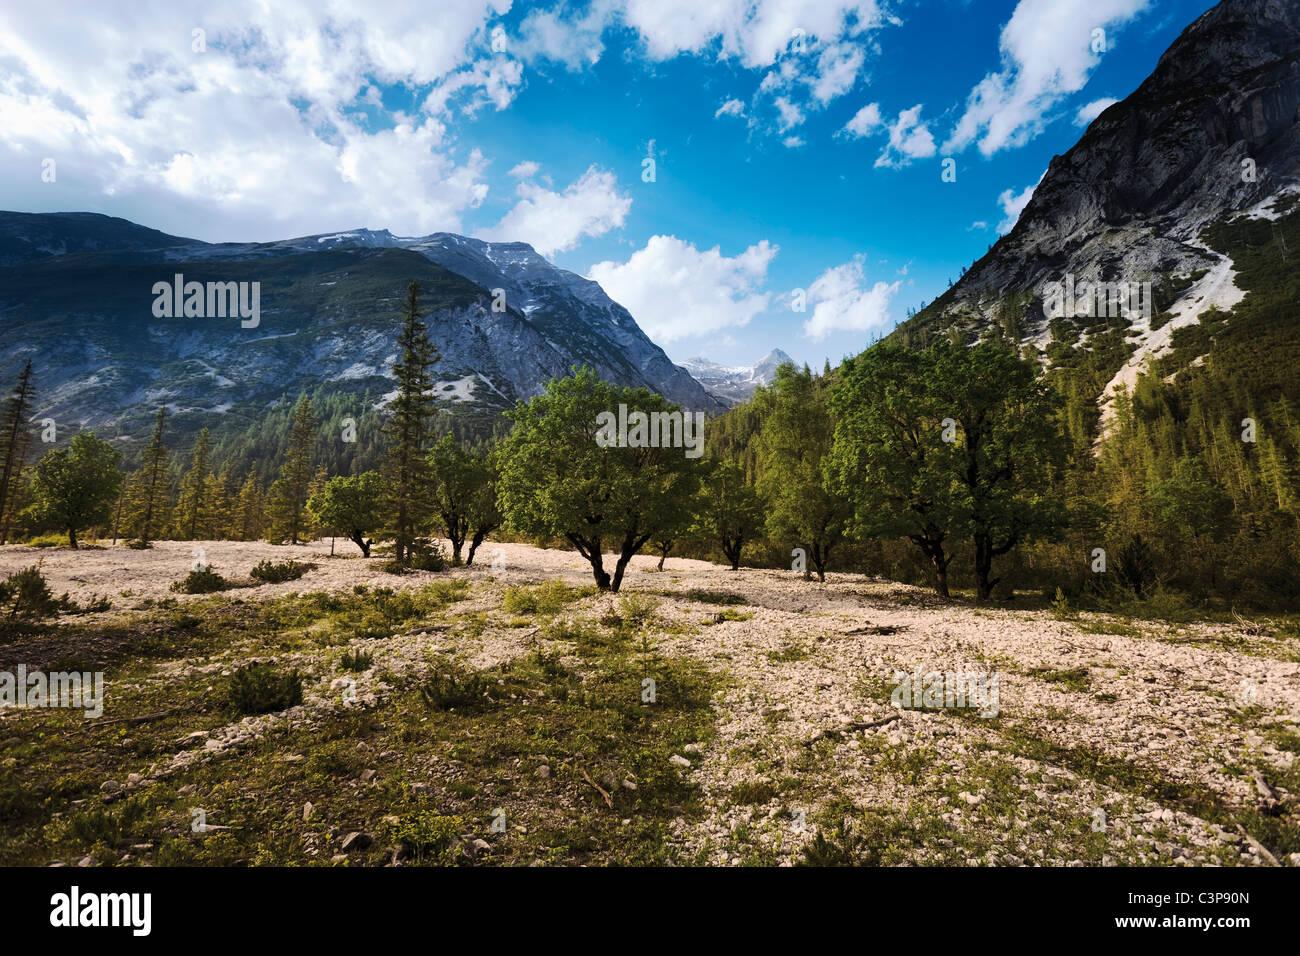 Autriche, Tyrol, vue de paysage avec montagnes en arrière-plan Banque D'Images